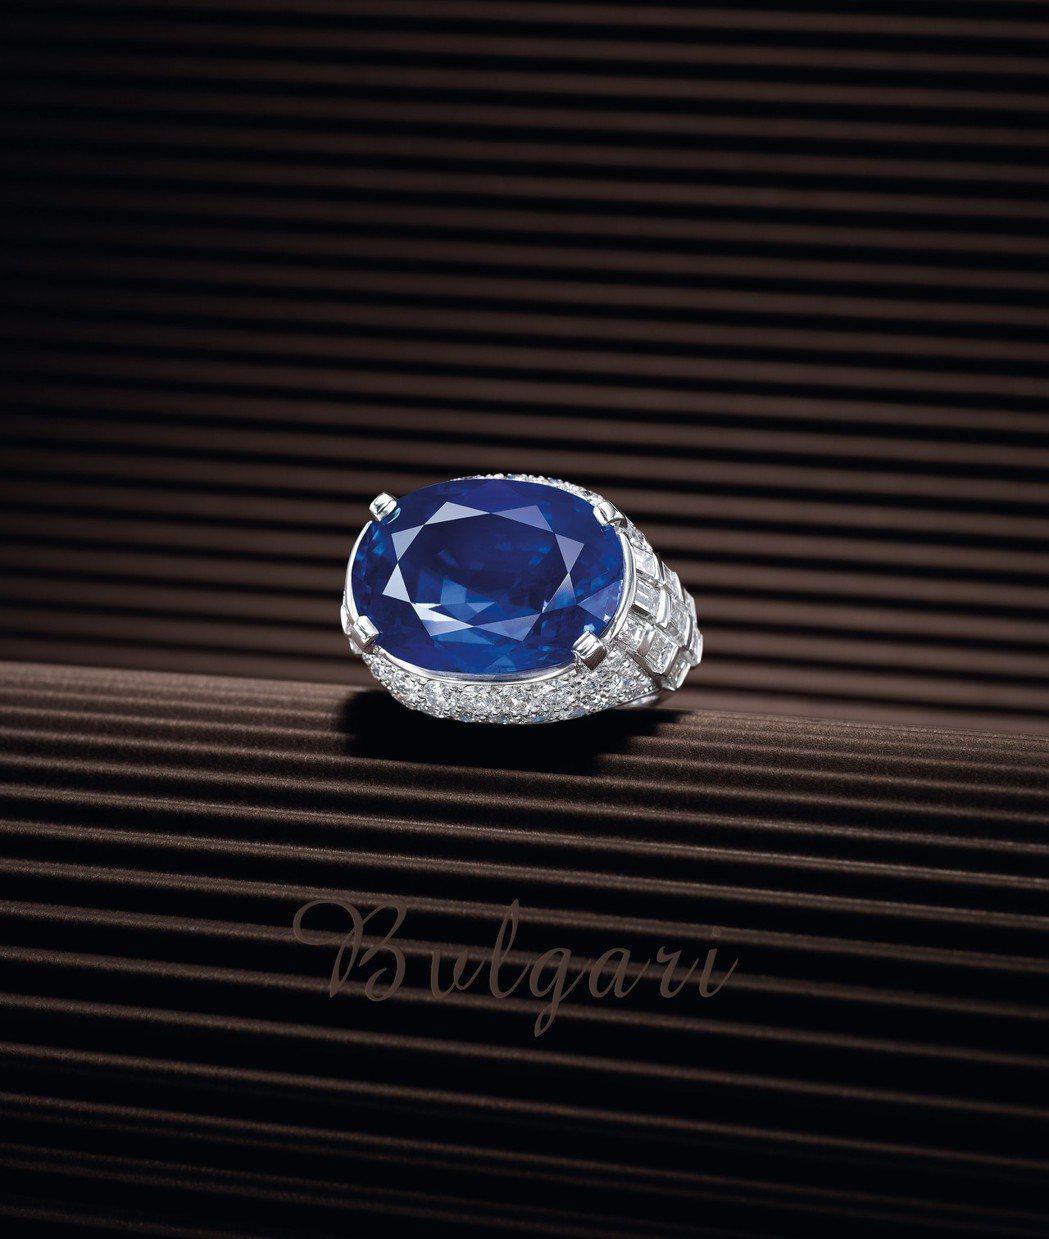 24.18克拉天然緬甸未經加熱藍寶石配鑽石戒指,寶格麗,售價待詢。